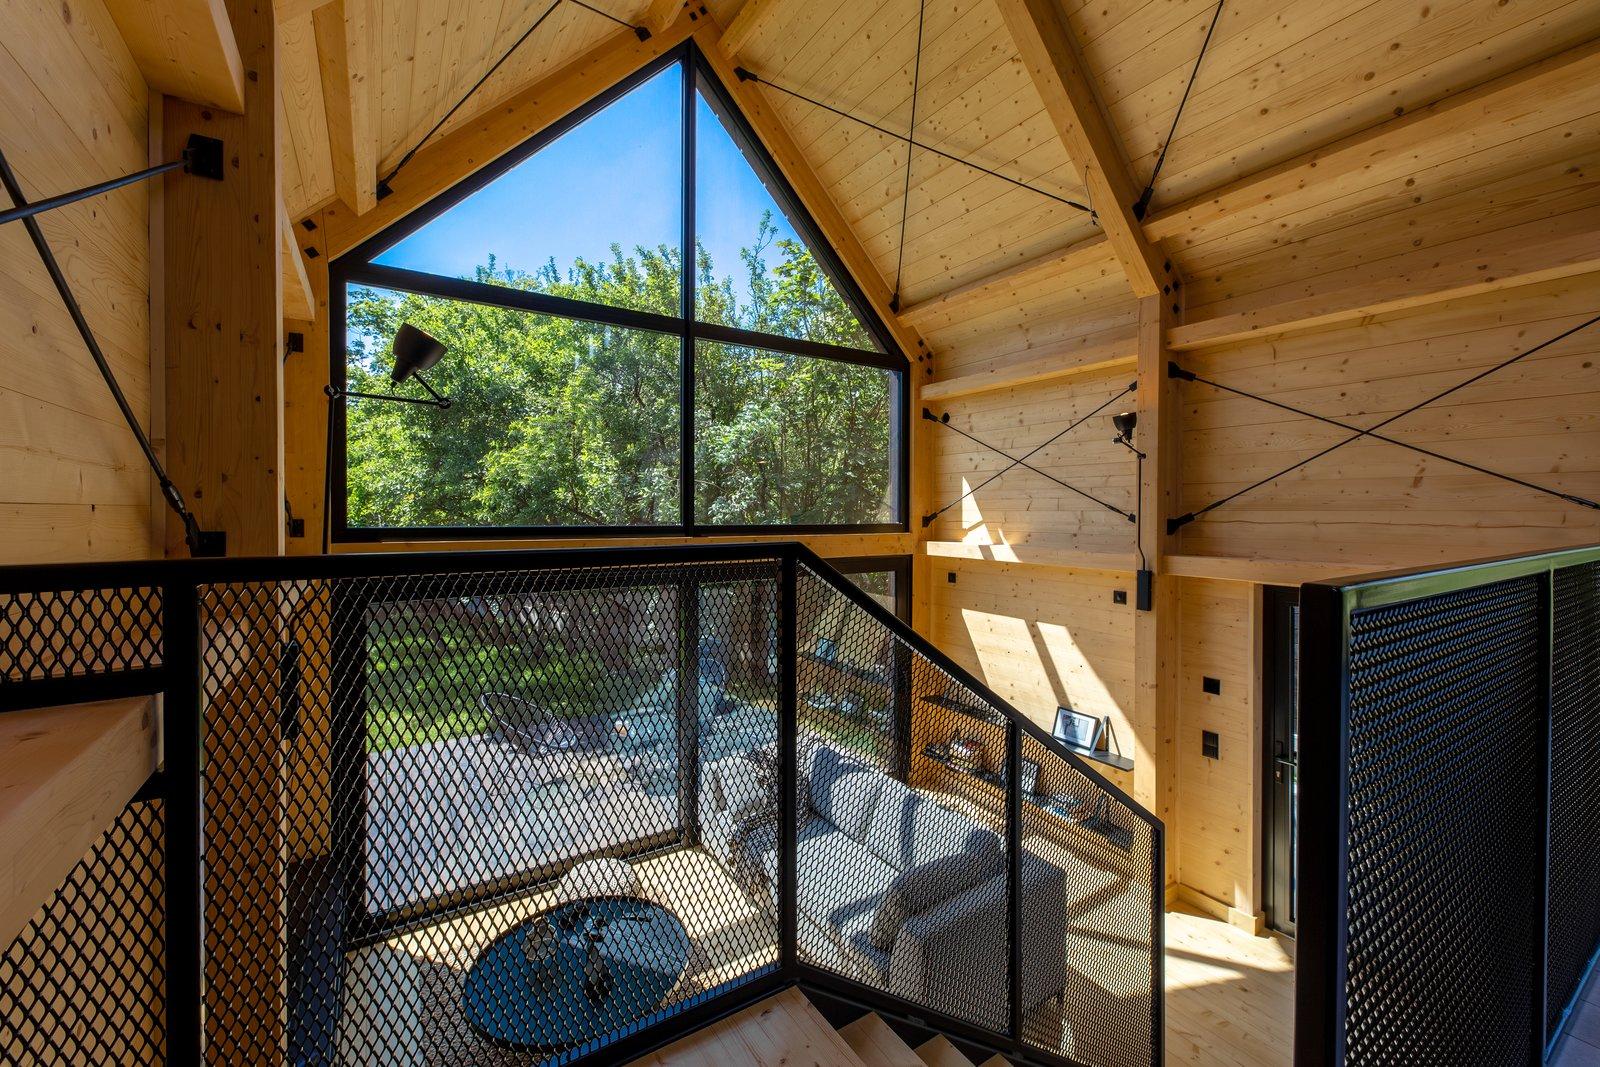 Cammpinus Park mode:lina living room